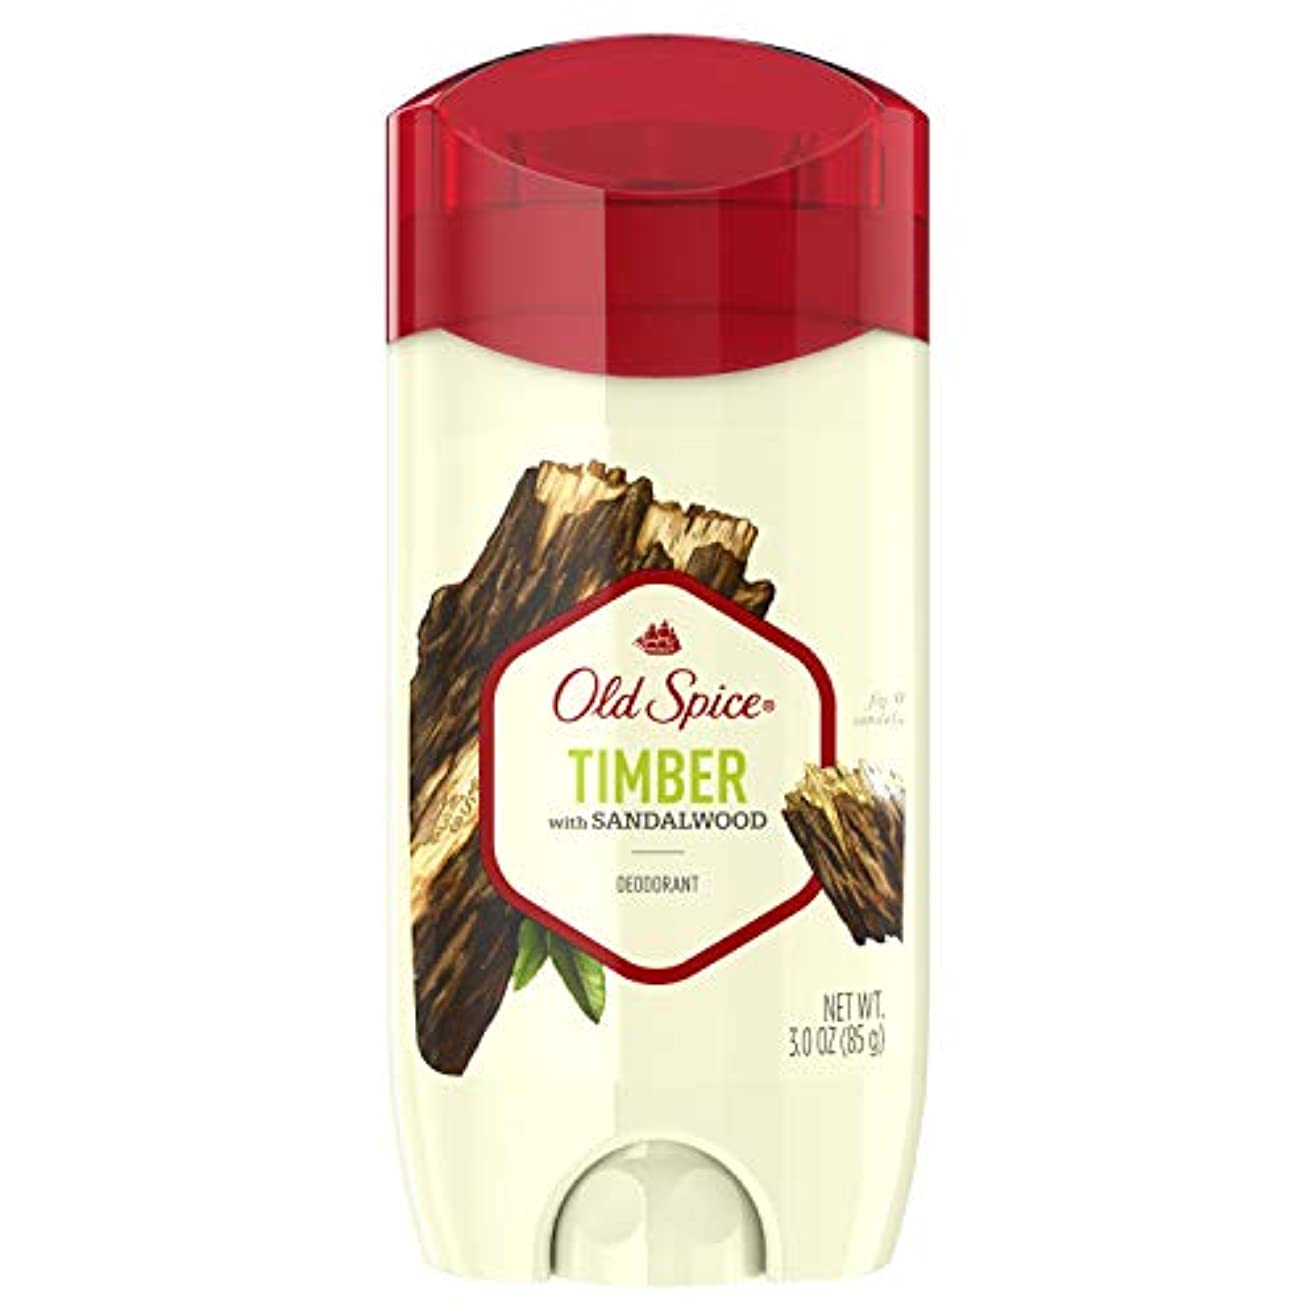 波紋アパルしみOld Spice Fresher Collection Timber Deodorant - 3oz オールドスパイス フレッシャー コレクション ティンバー デオドラント 85g [並行輸入品]